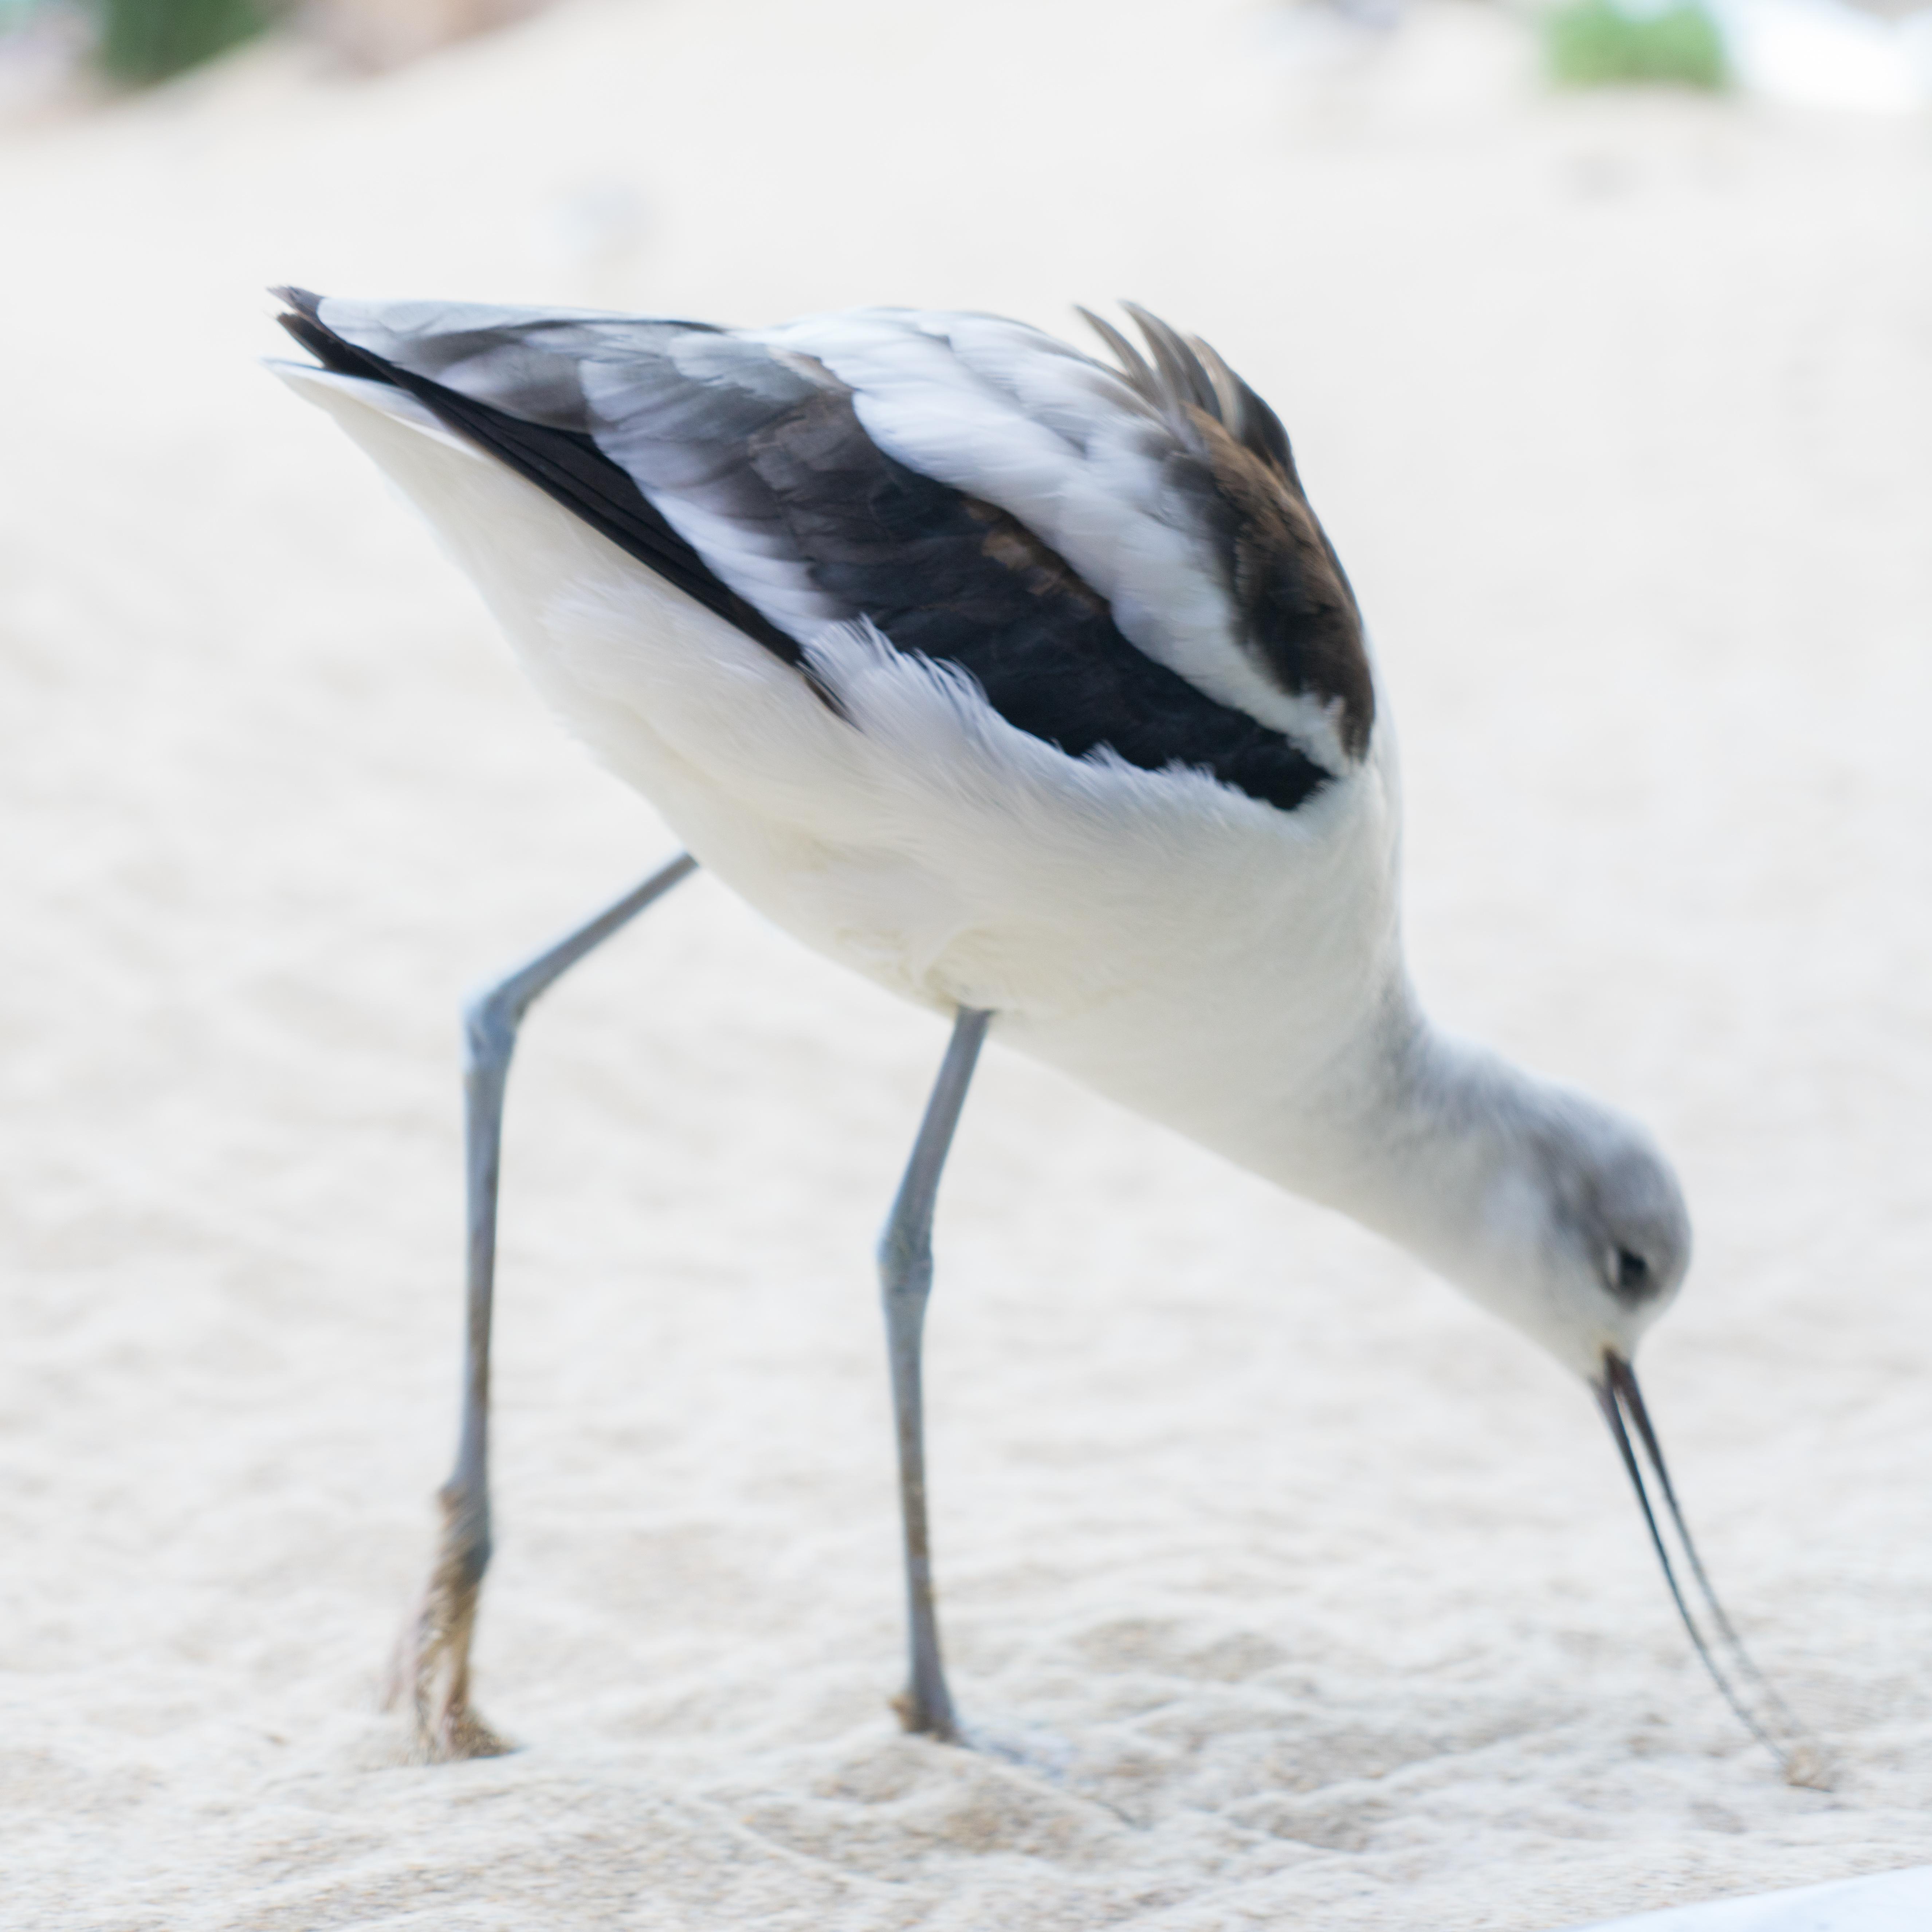 #avocet, #bird, #wildlife, #monterey, #aquarium, #shorebird, #wadingbird